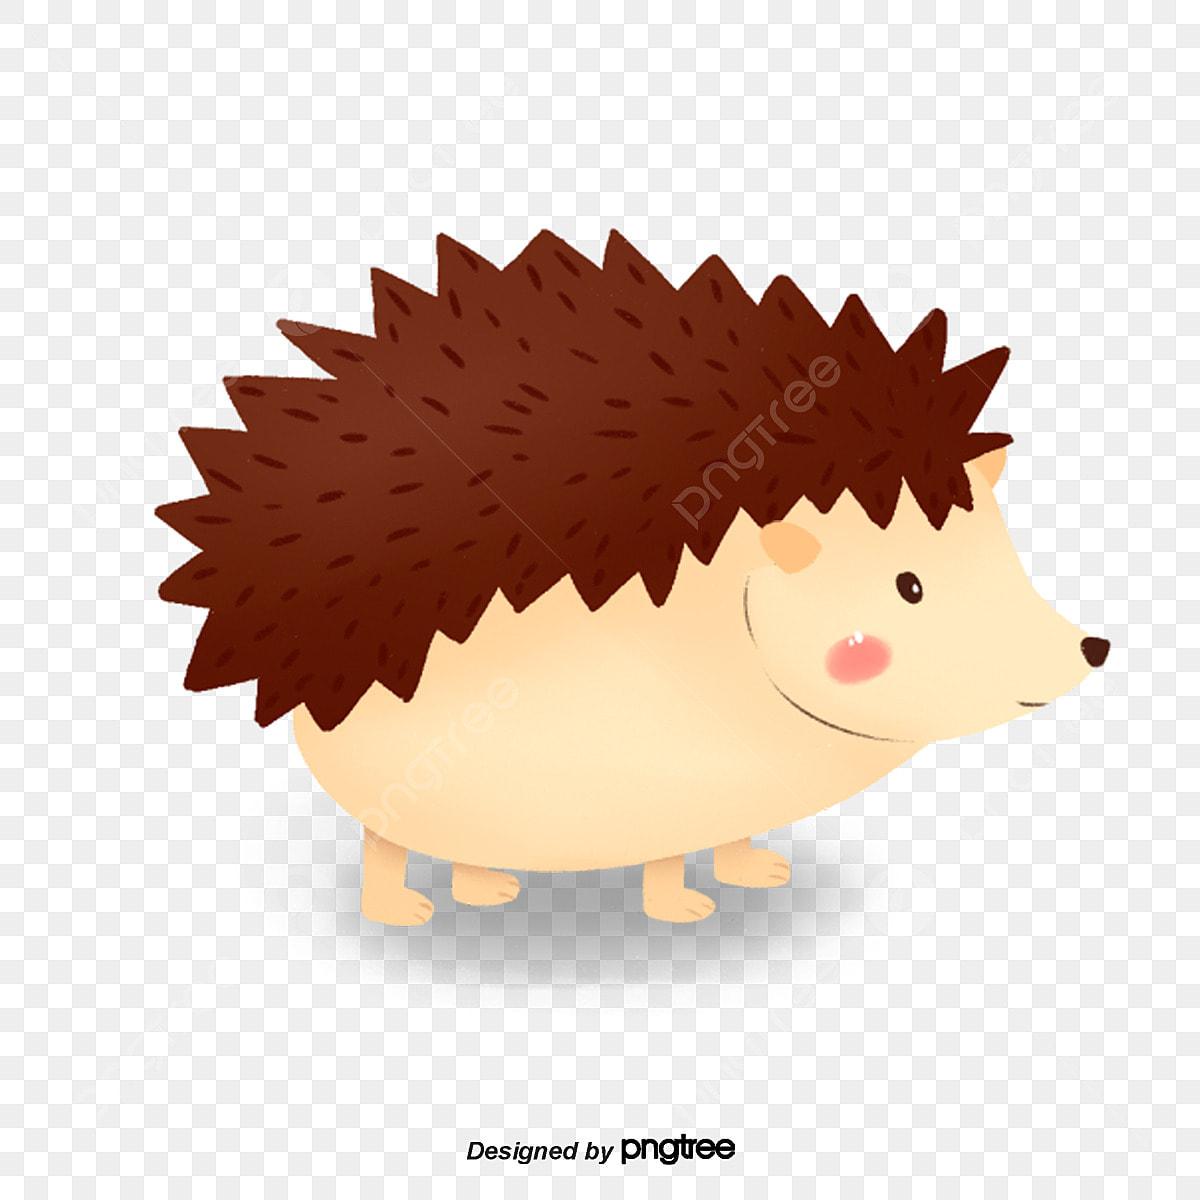 Un Joli Petit Herisson Clipart Herisson Herisson Animal Fichier Png Et Psd Pour Le Telechargement Libre